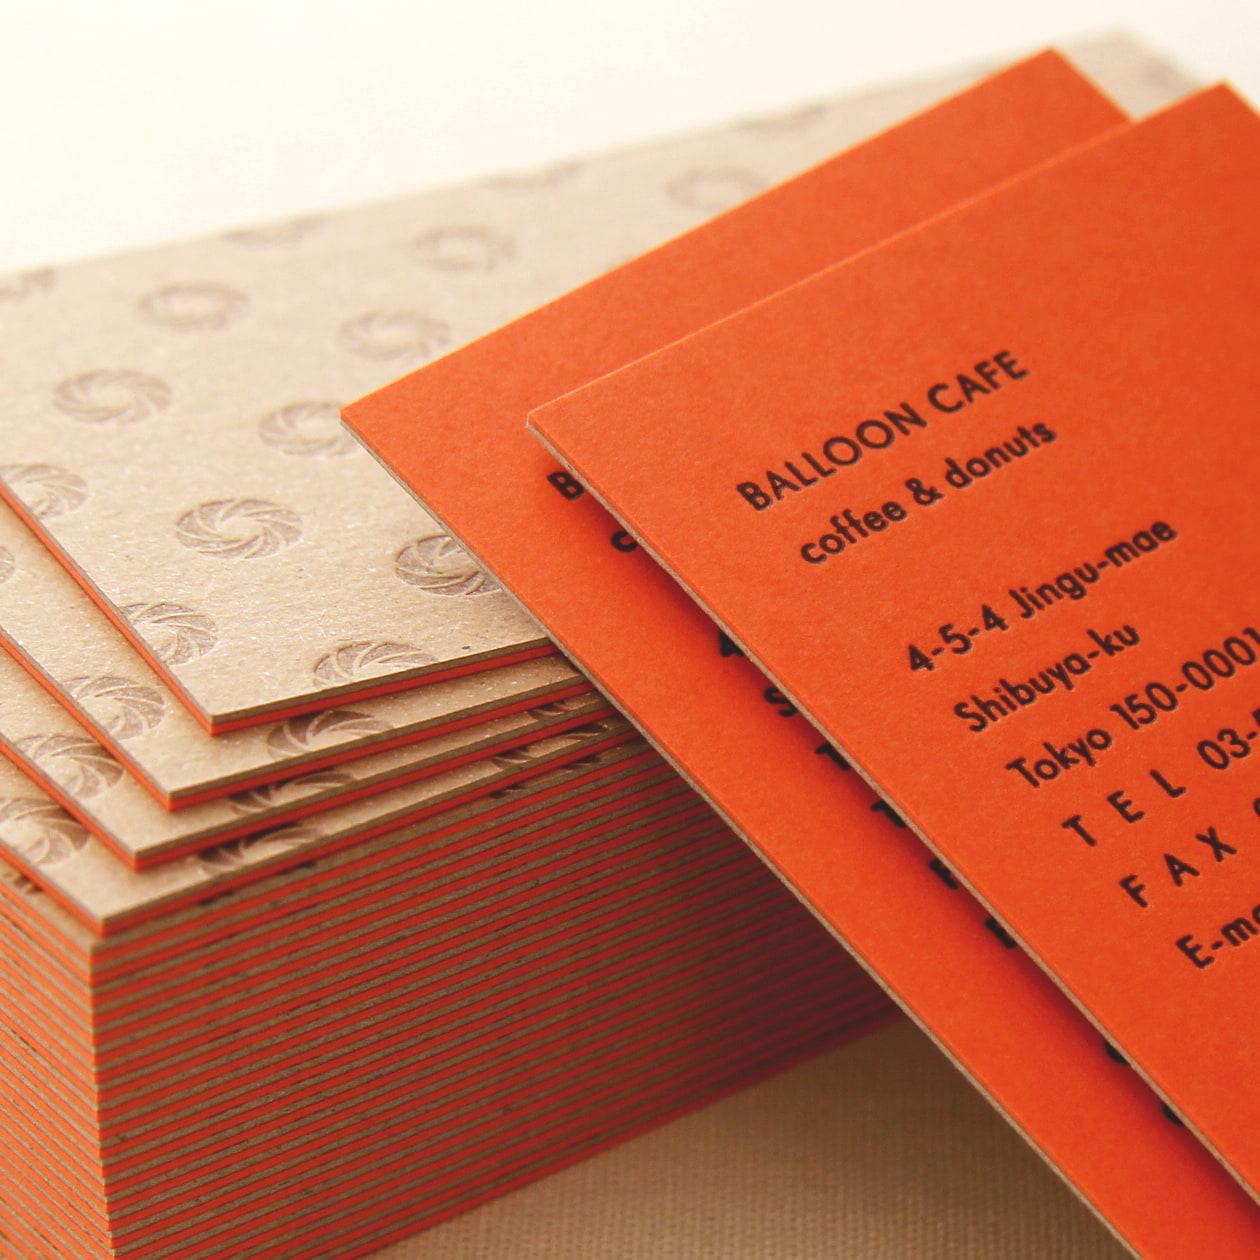 合紙のショップカード